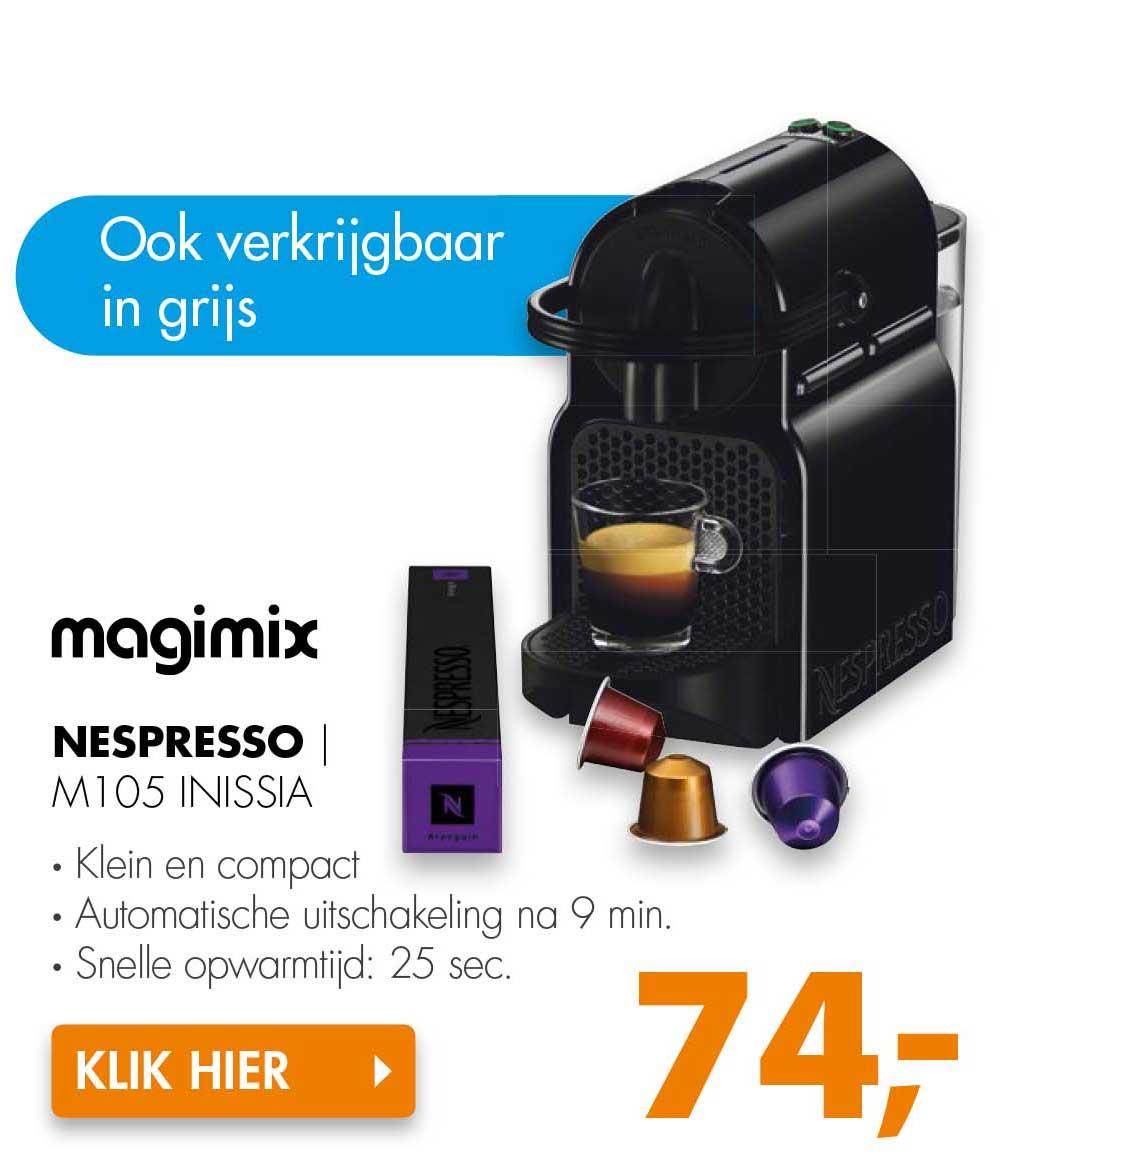 Expert Magimix Nespresso M105 Inissia